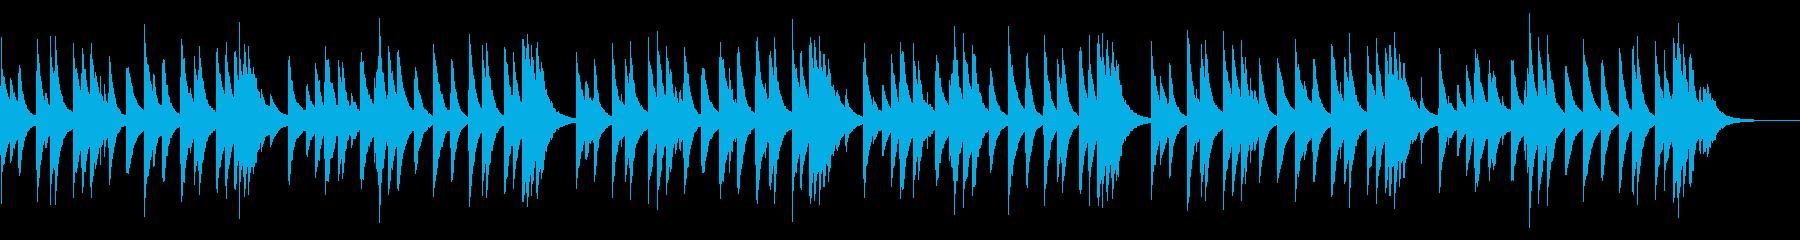 シューベルトの子守唄 72弁オルゴールの再生済みの波形